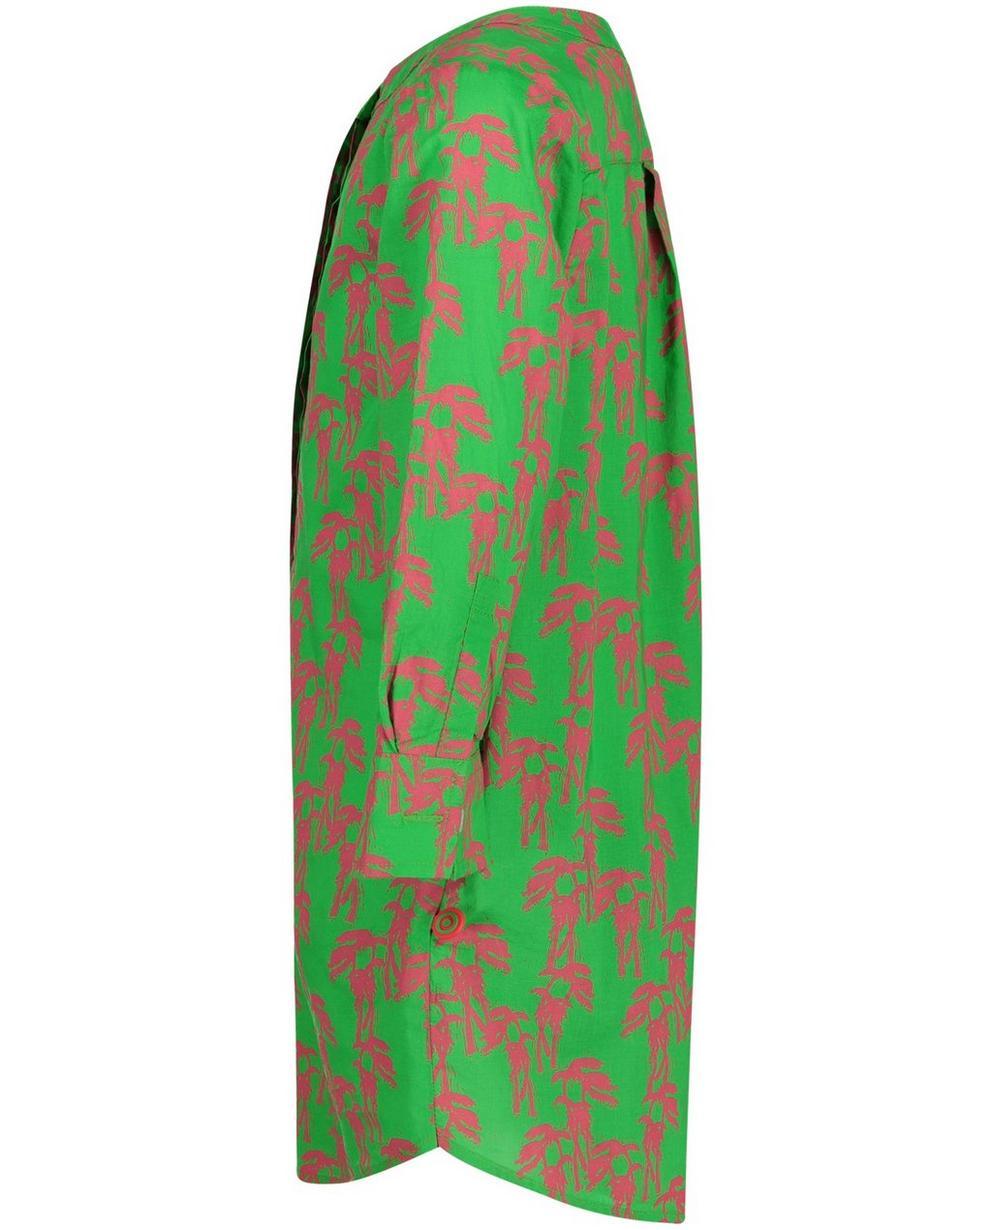 Jurken - GNF - Grasgroene hemdjurk